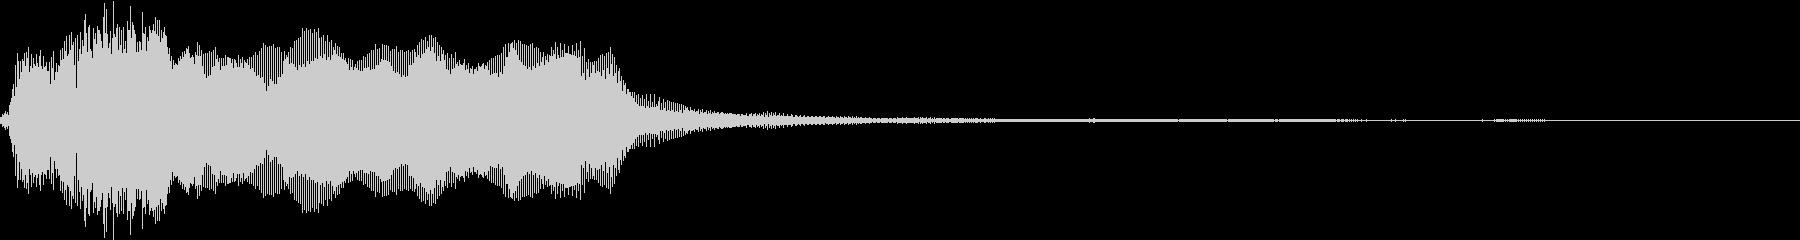 ファンファーレ ゲット シンプル 3の未再生の波形